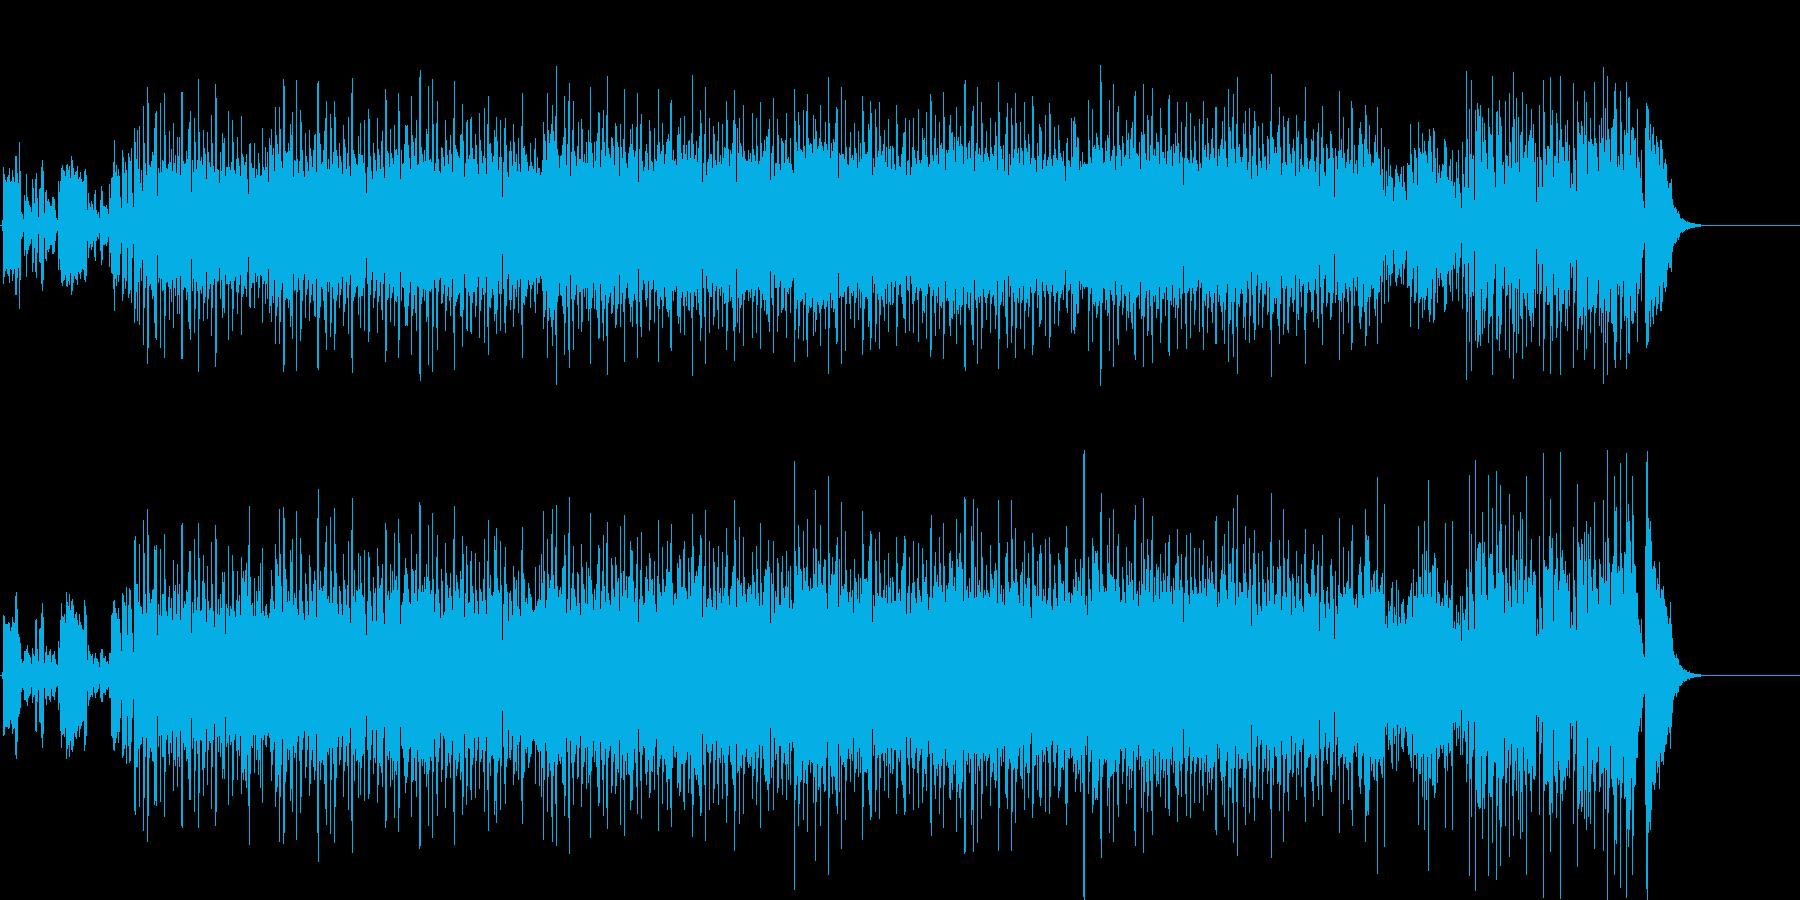 アンダーグラウンドなダンス・ビートポップの再生済みの波形